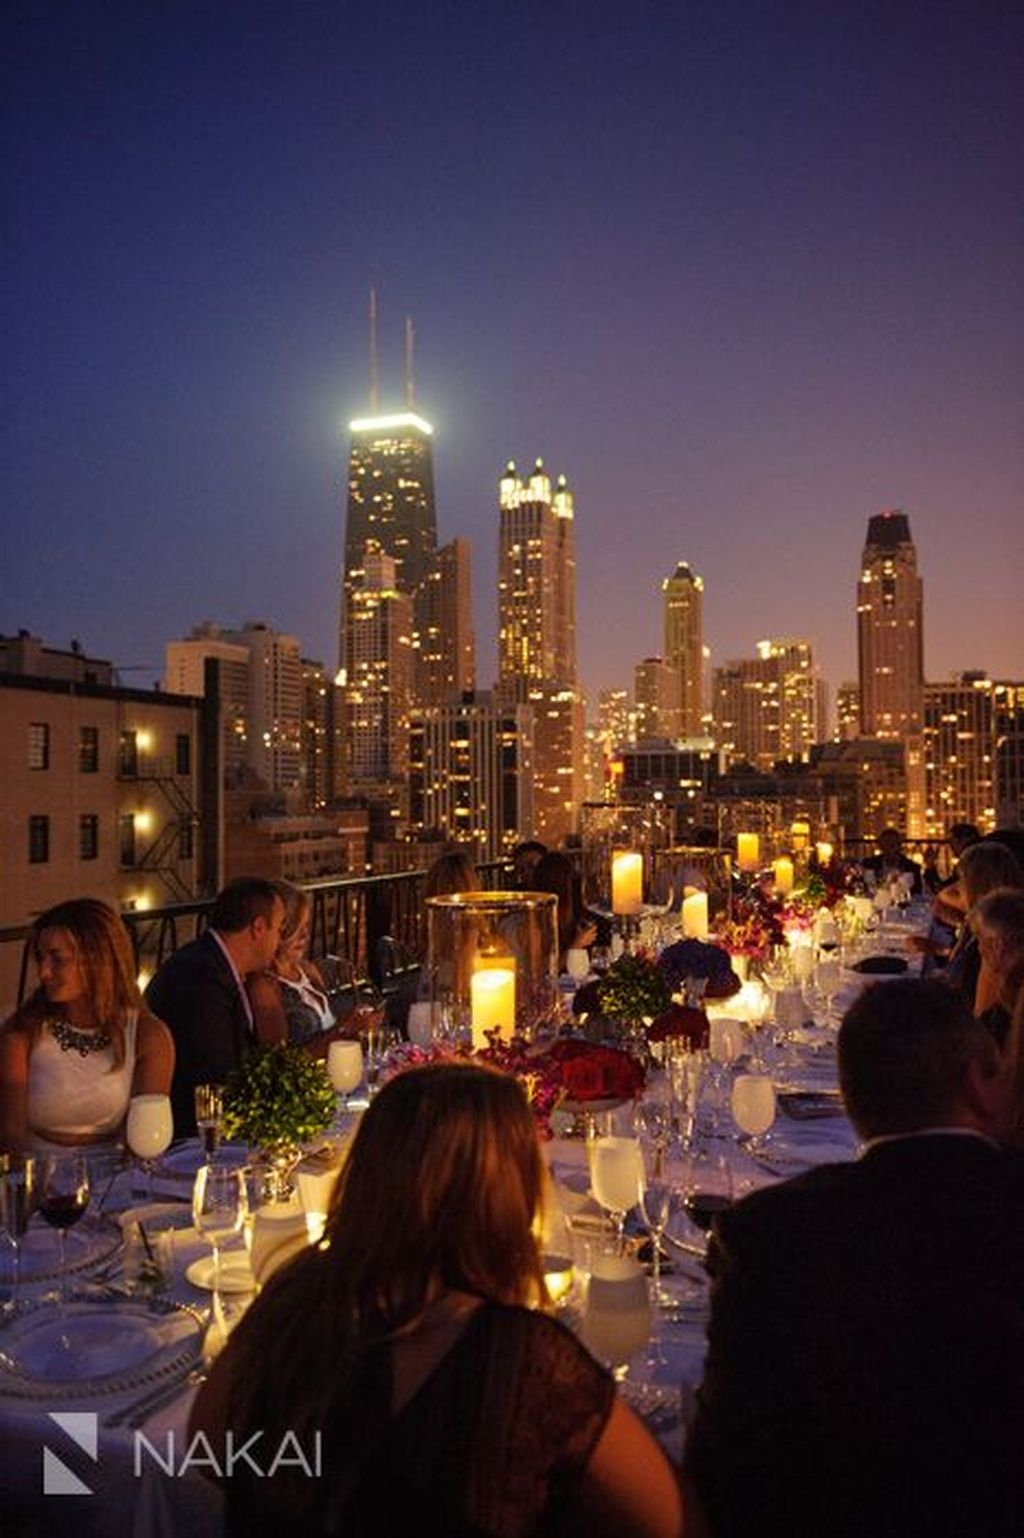 39 Inspiring Rooftop Terrace Design Ideas 33